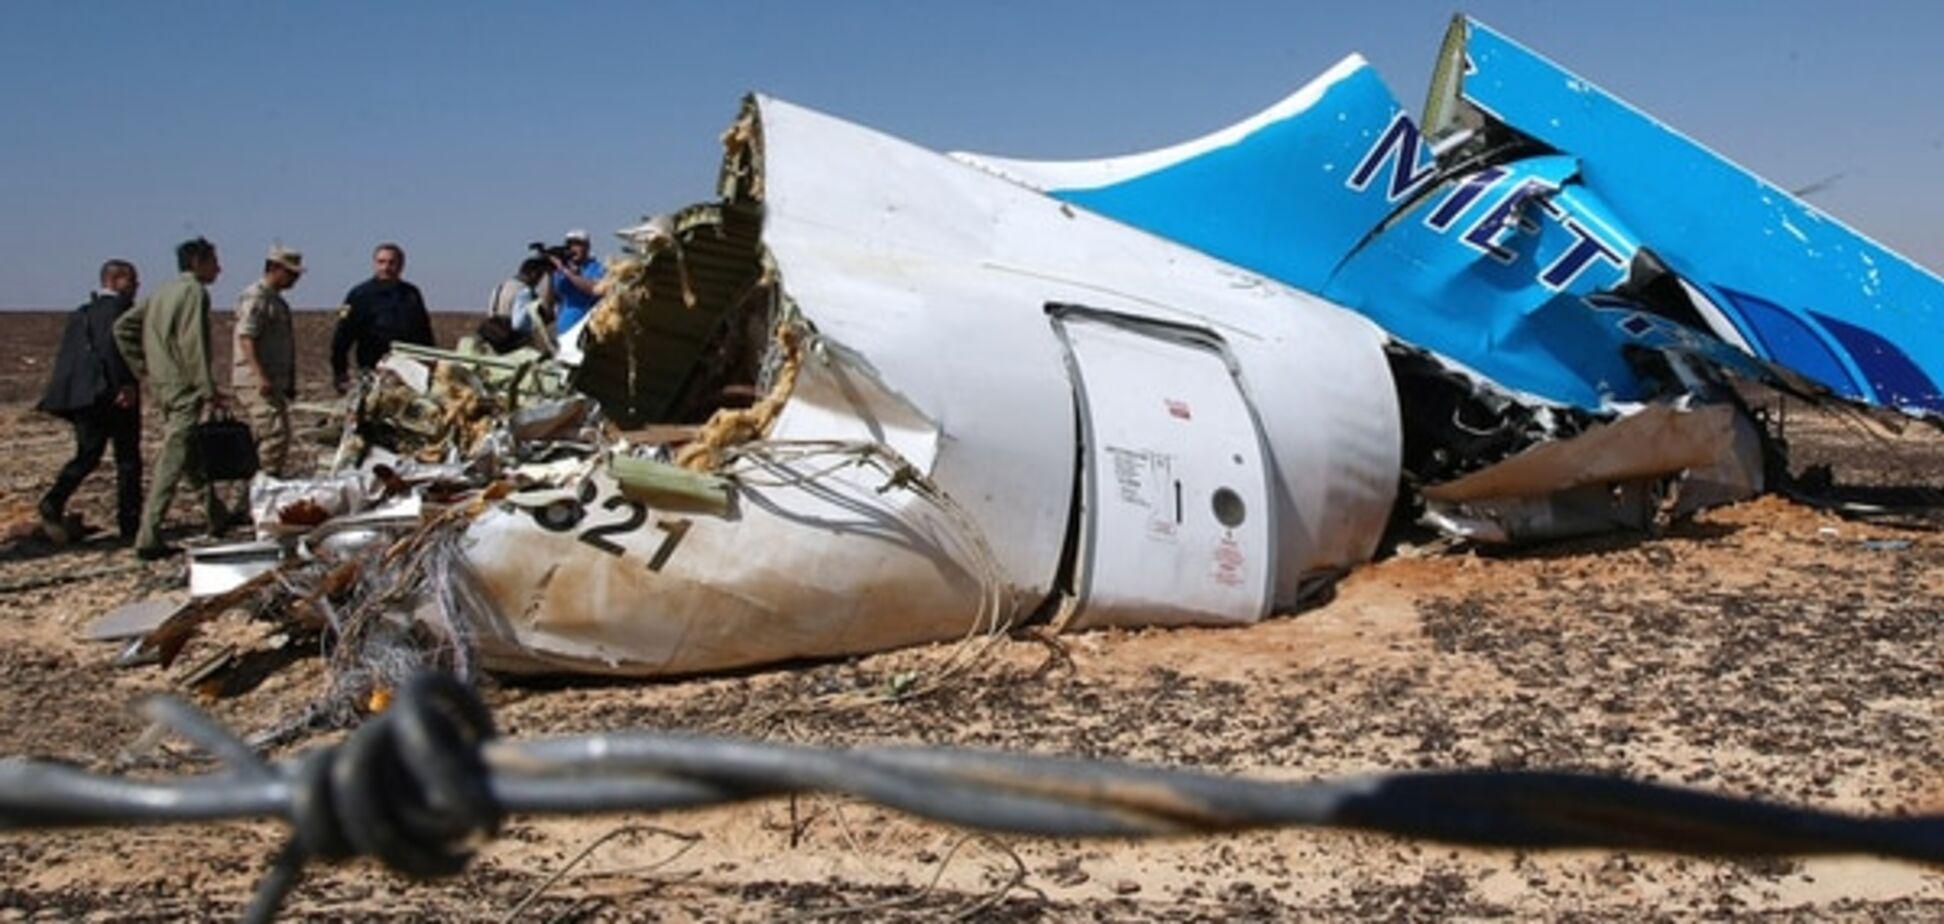 Розвідка США: російський A321 в Єгипті могли підірвати бойовики ІДІЛ